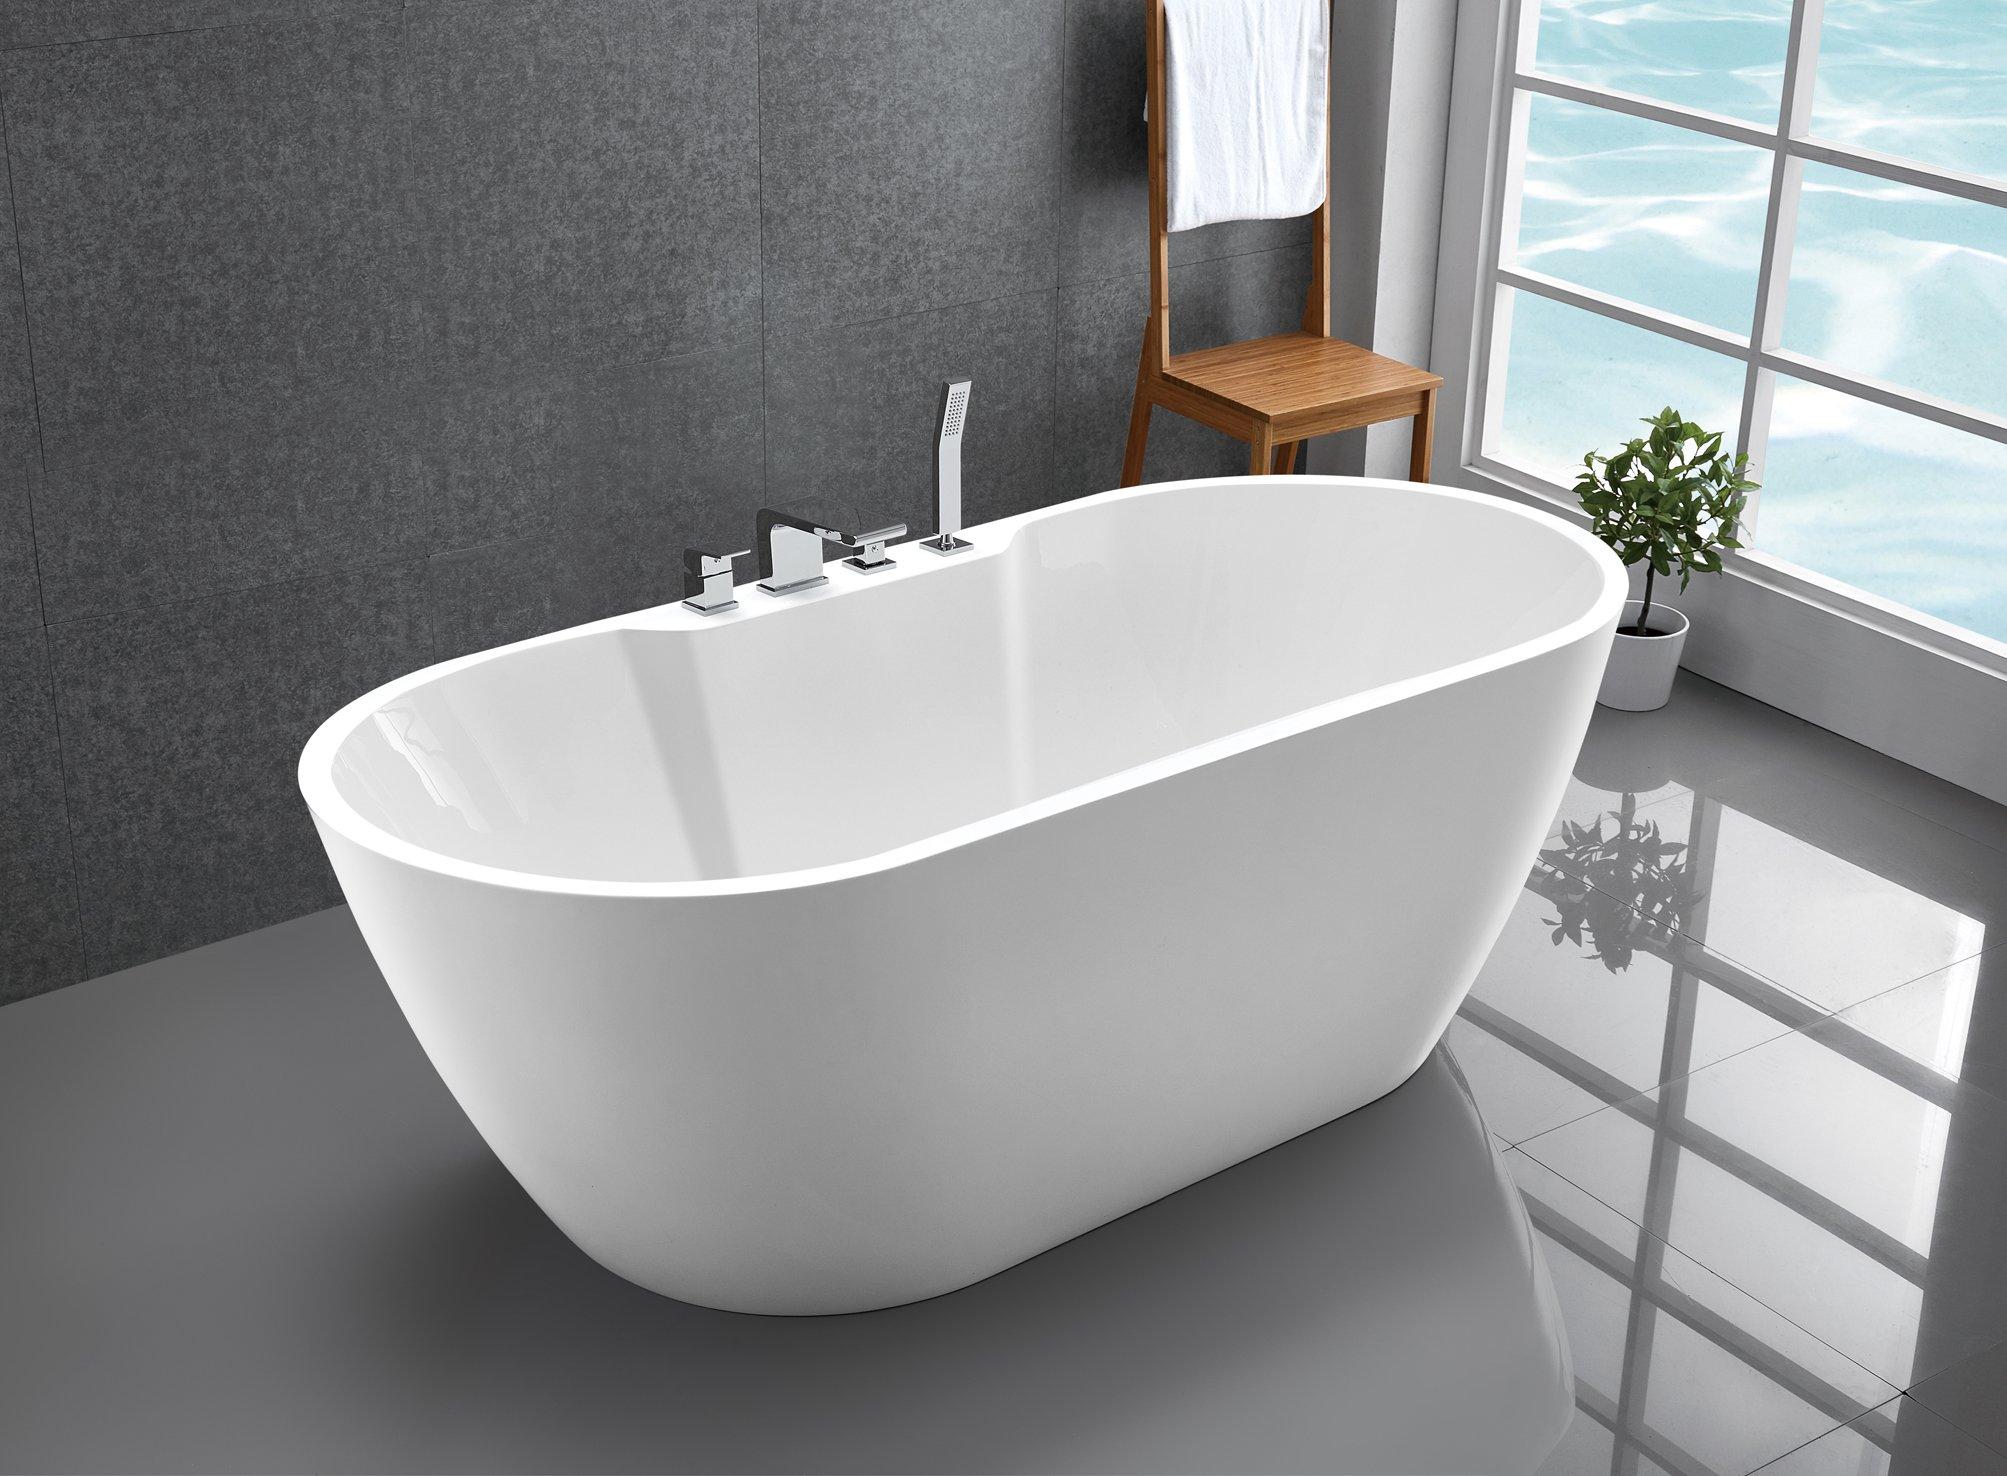 Freistehende Badewanne JAZZ PLUS Acryl weiß - 170 x 80 cm  zoom thumbnail 3